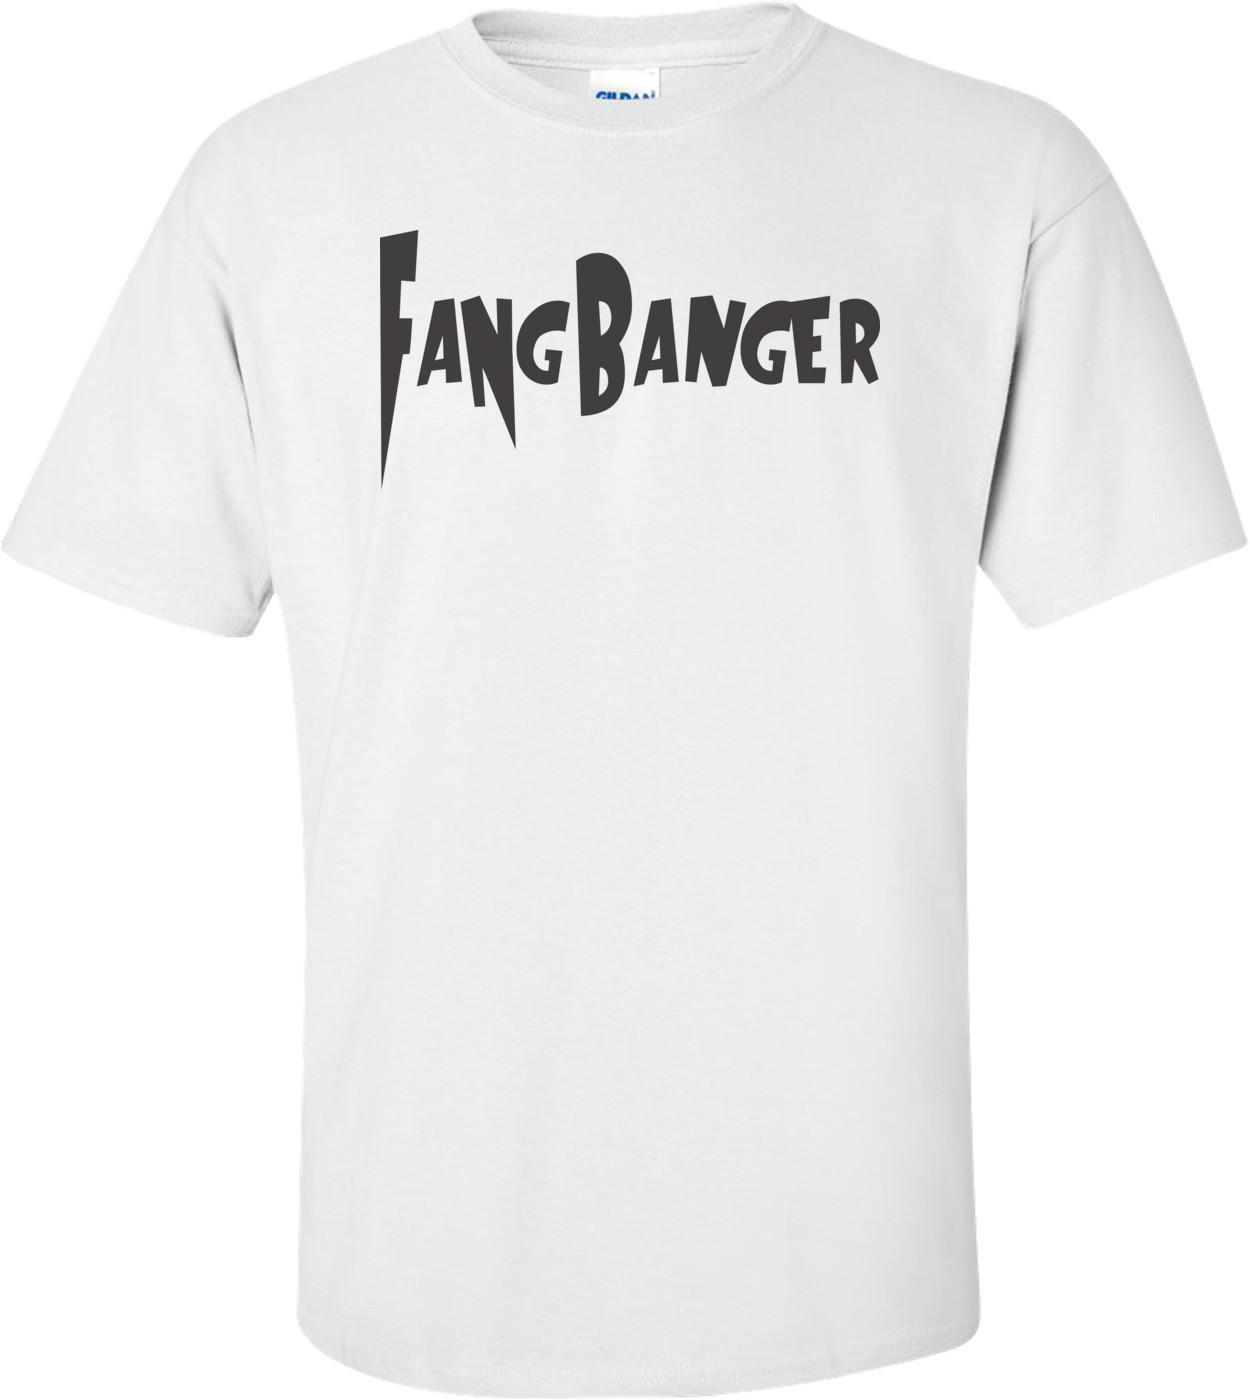 Fang Banger - True Blood